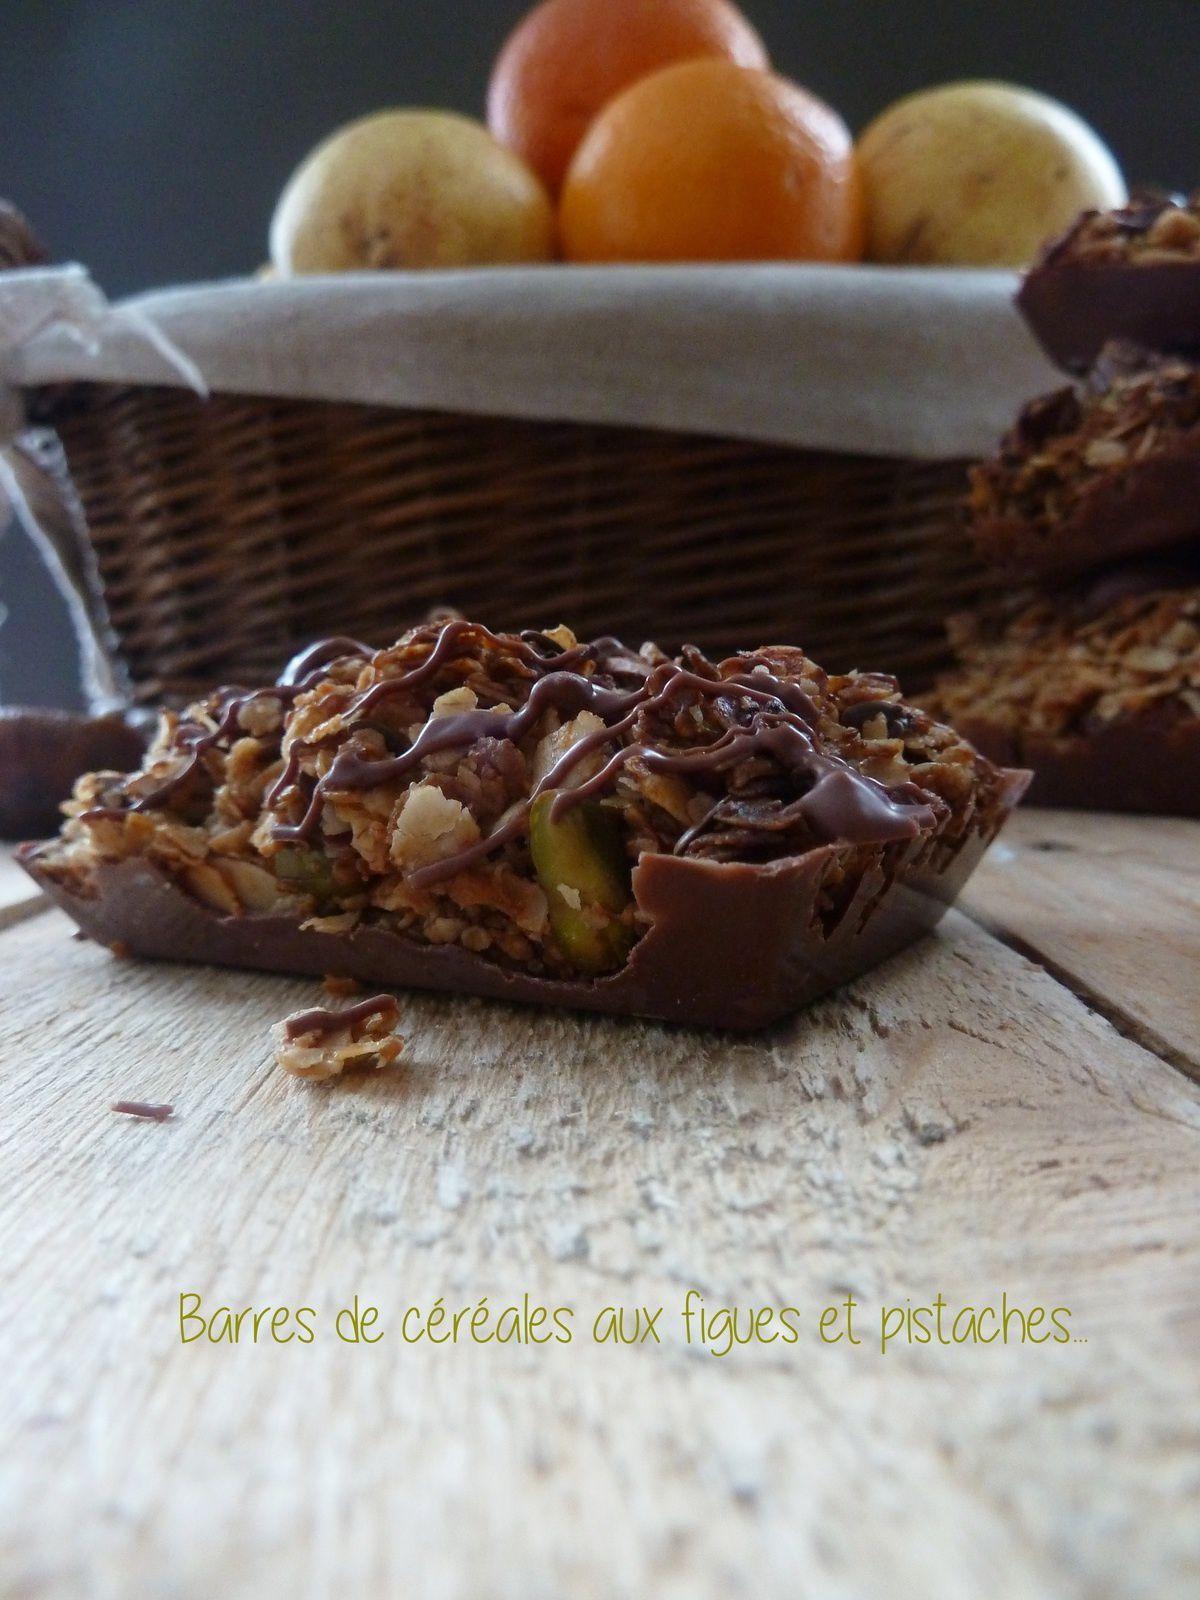 Barres de céréales aux figues et pistaches